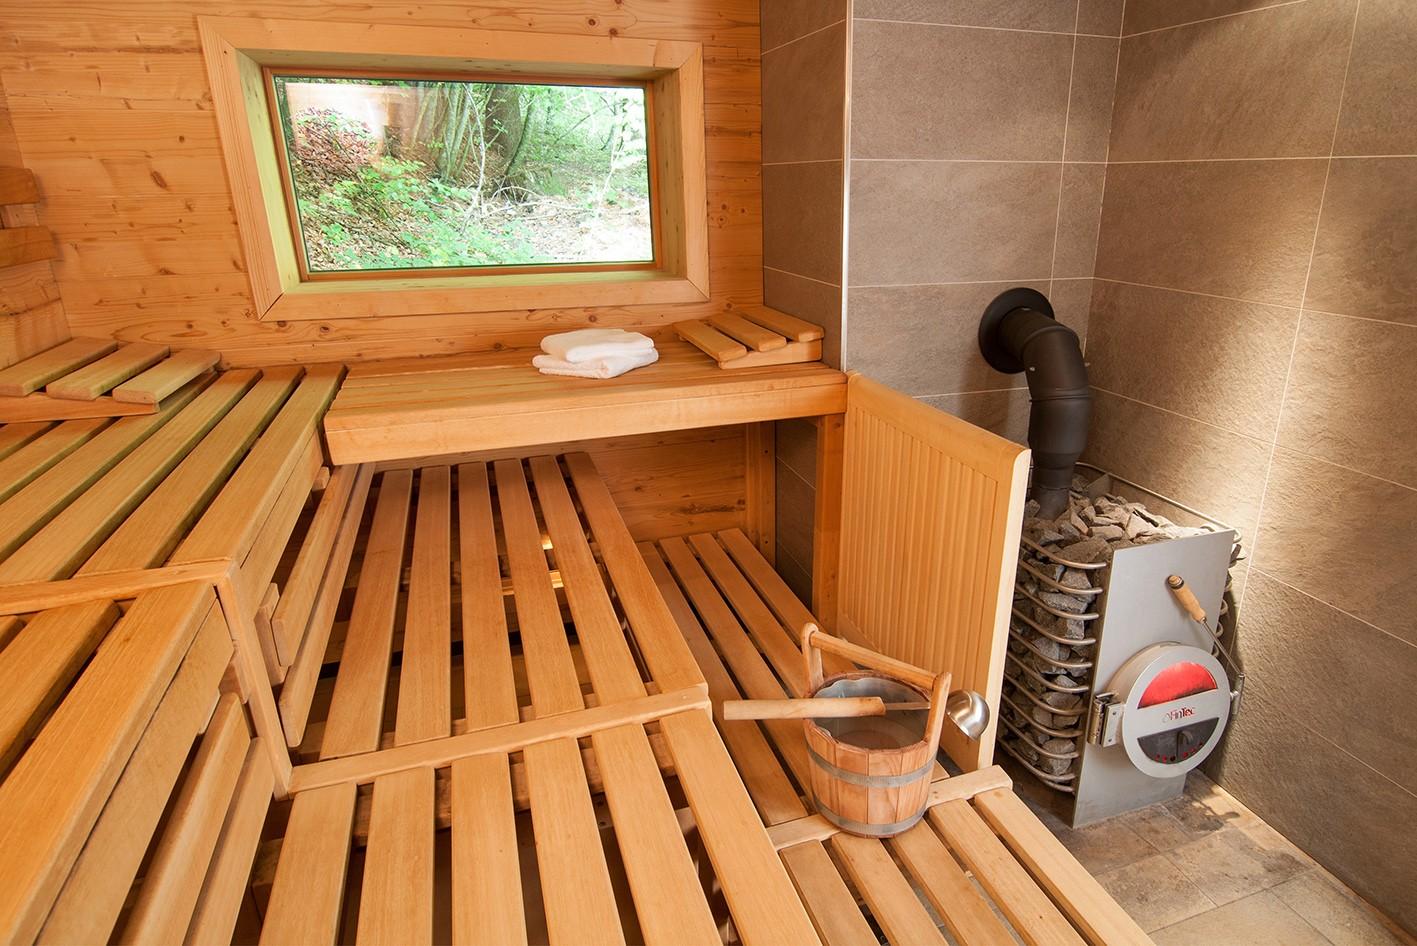 gepr fter holz saunaofen premium. Black Bedroom Furniture Sets. Home Design Ideas